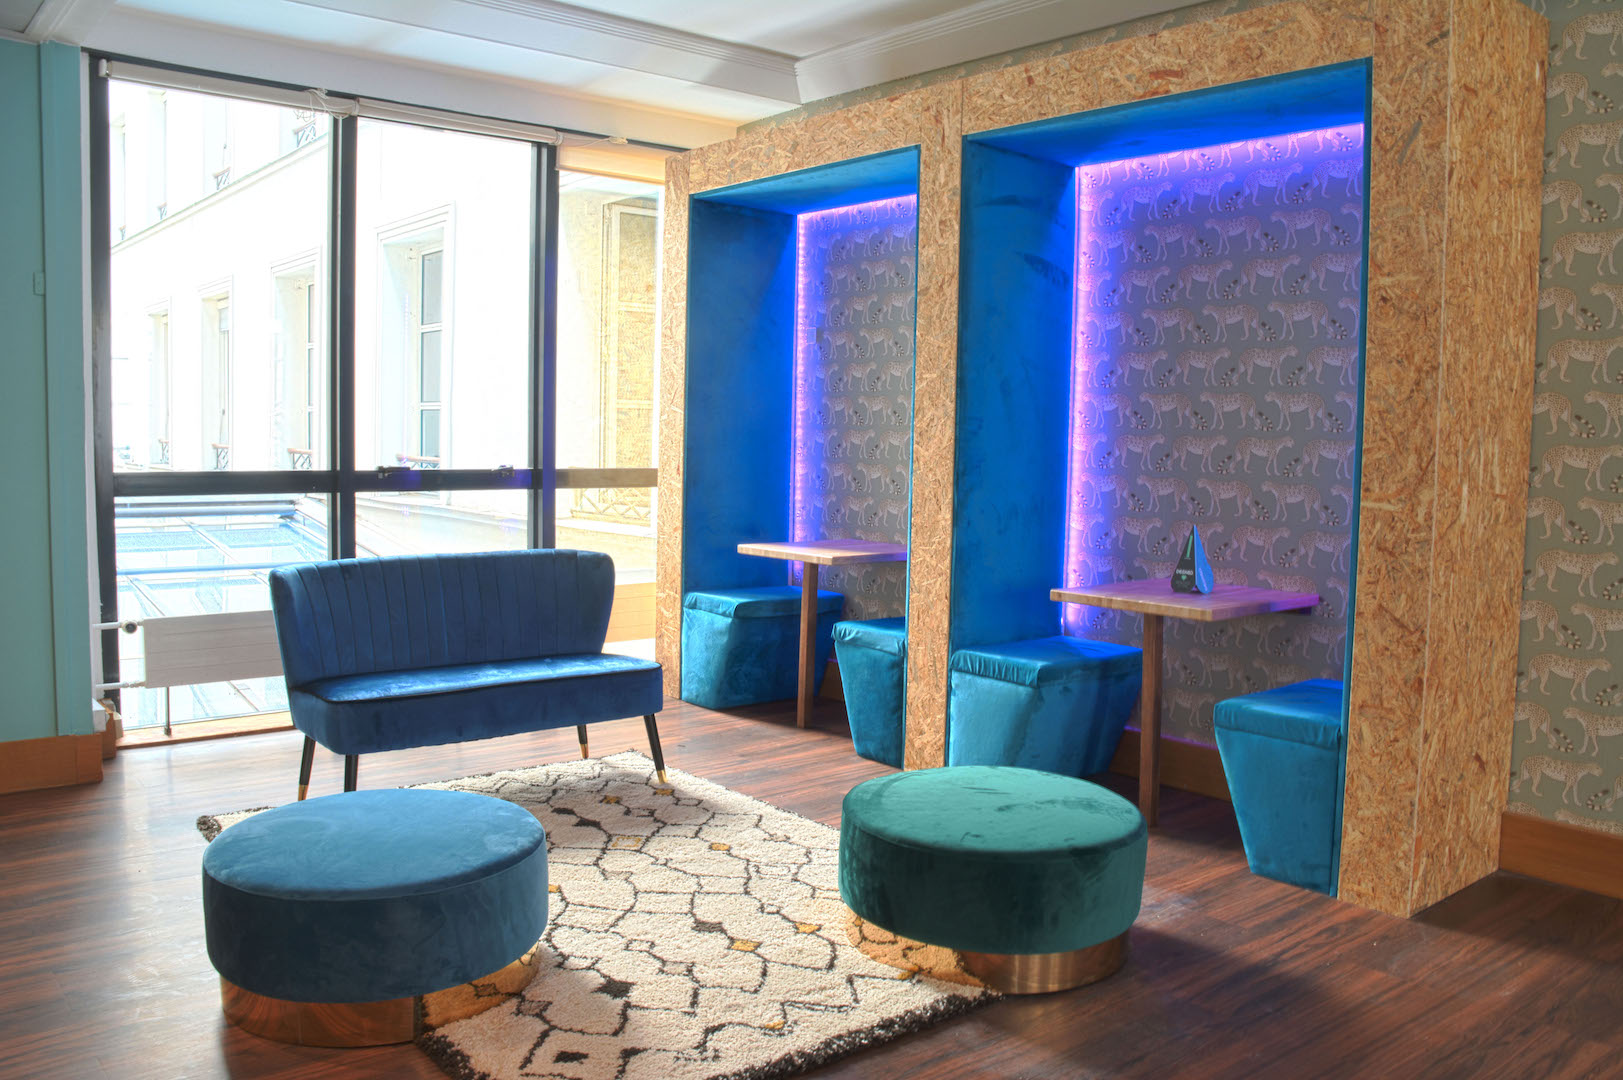 espace de détente et de convivialité moderne et chaleurese au mobilier design et coloré à Paris